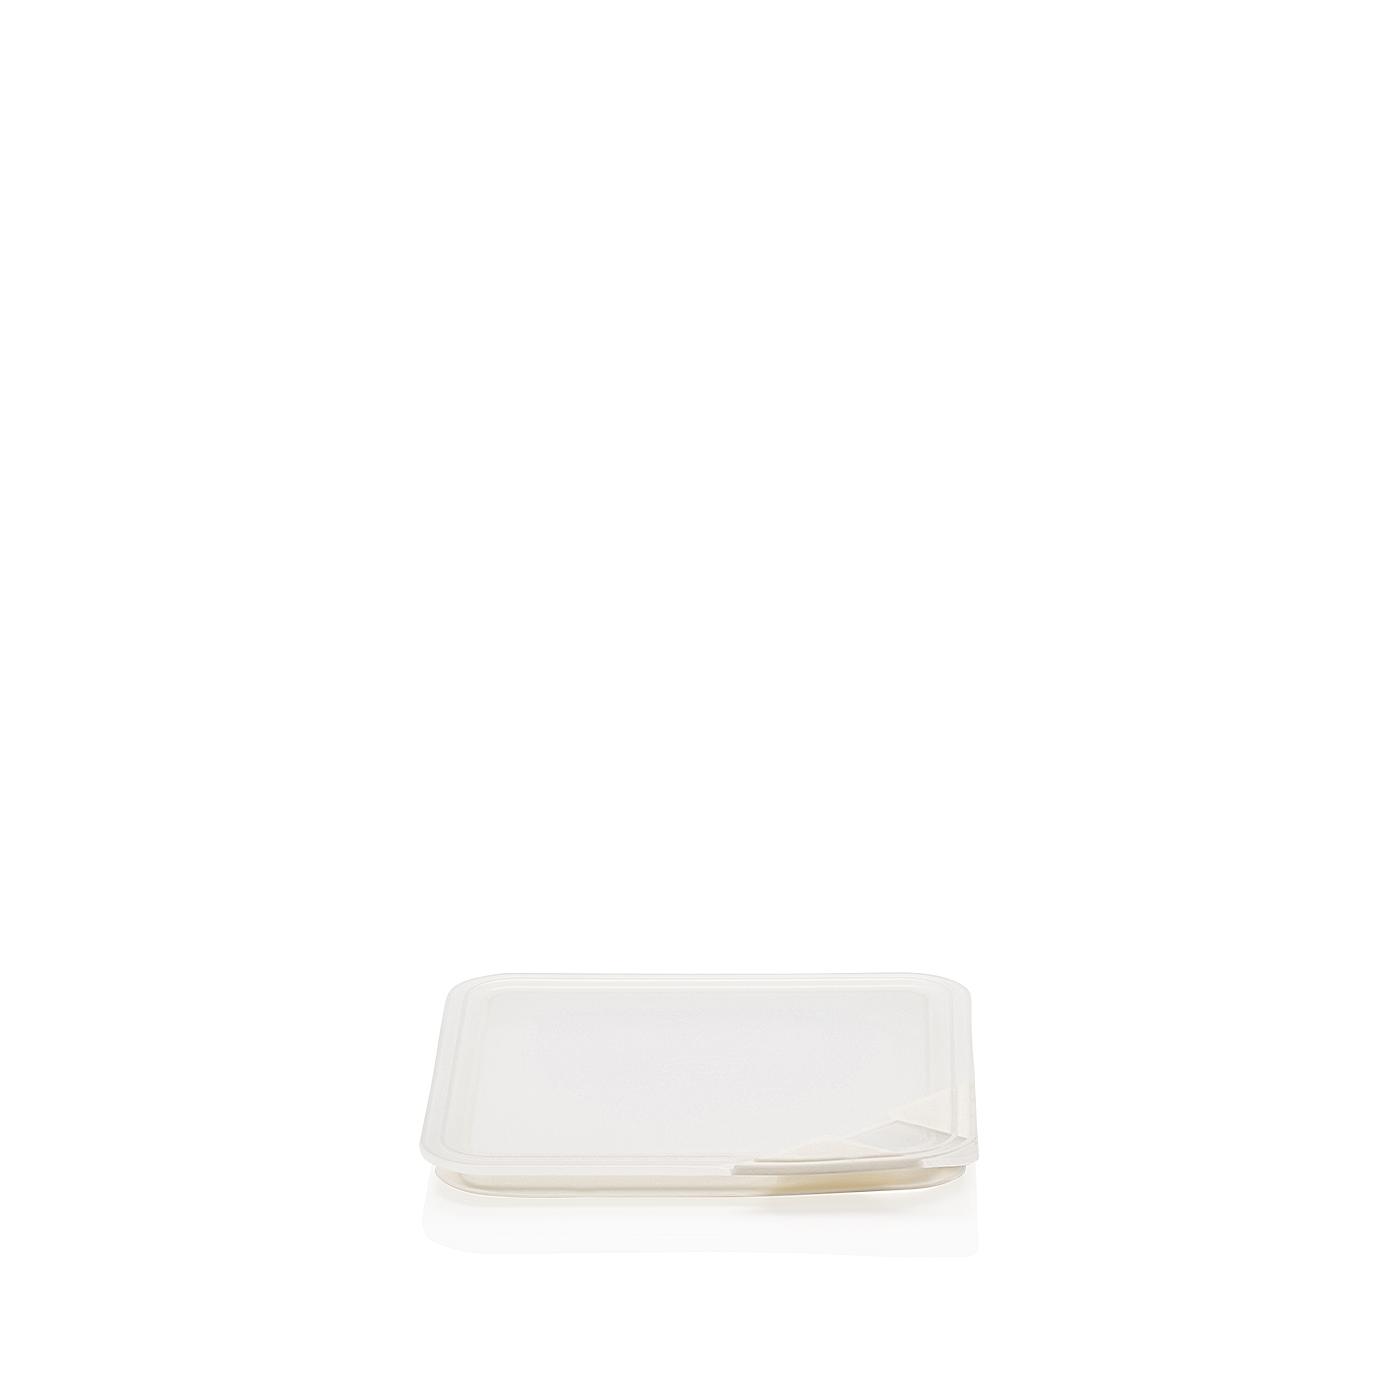 Aromadeckel quadratisch 15 cm Küchenfreunde Kunststoff transparent Arzberg